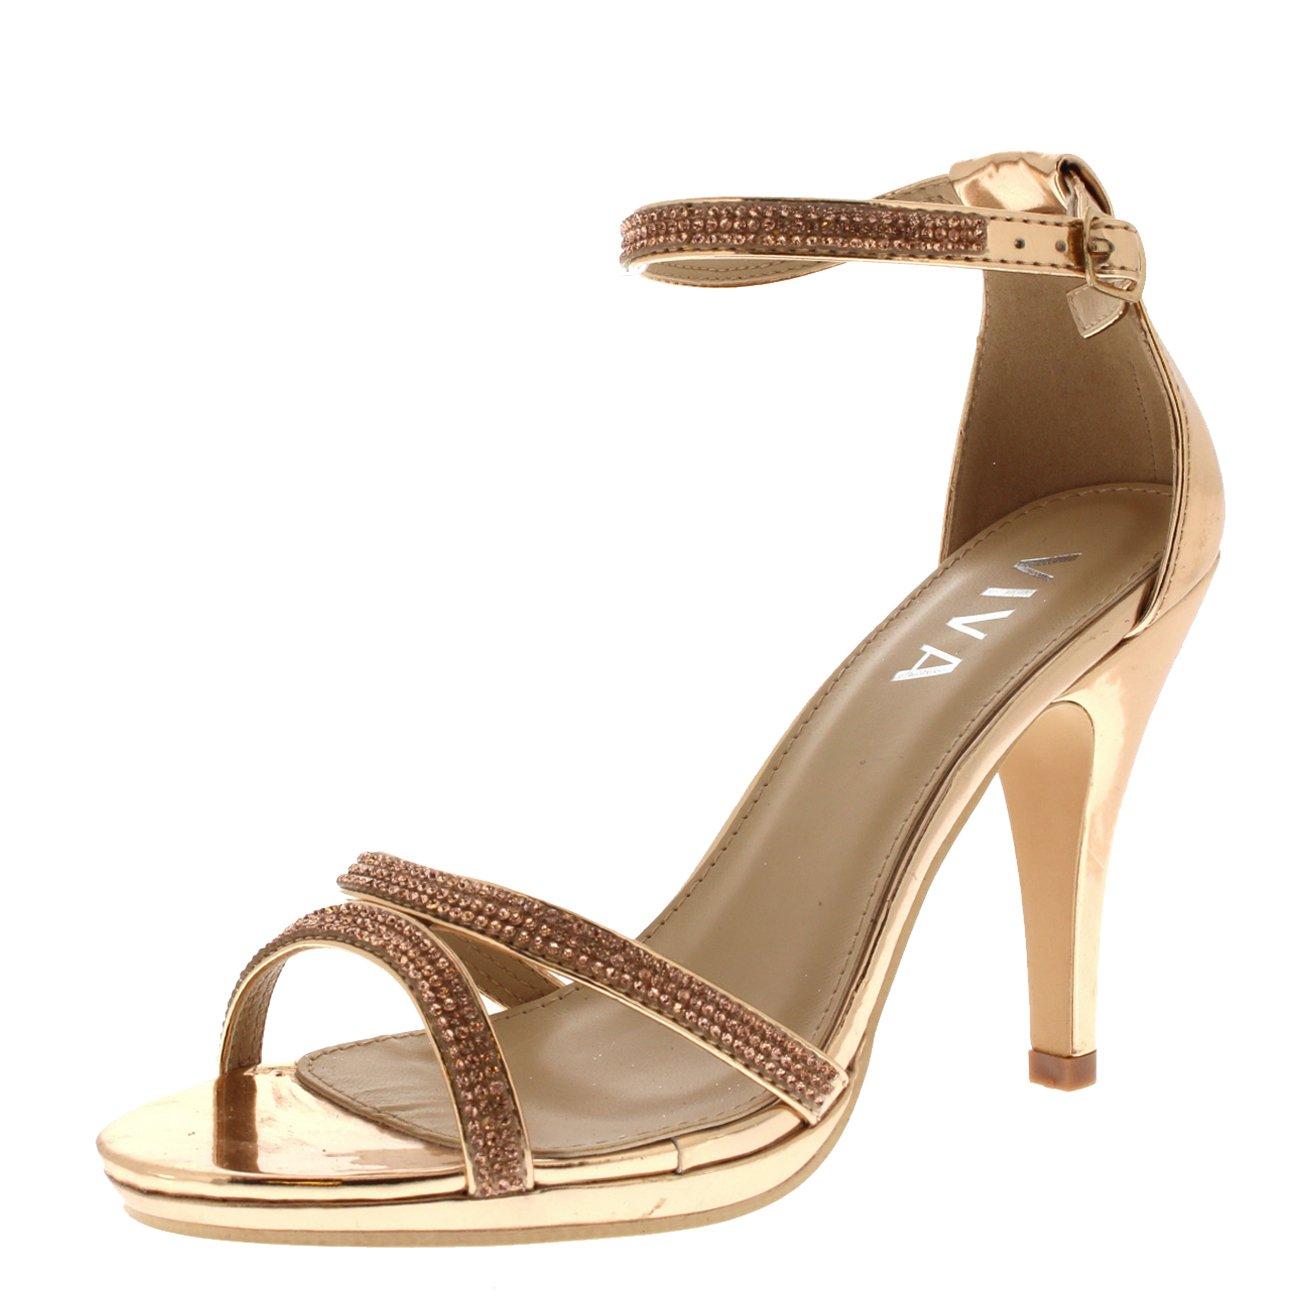 Viva Mujer Diamante Medio Tal/ón Correa de Tobillo Boda Fiesta Met/álico Sandalias Zapatos